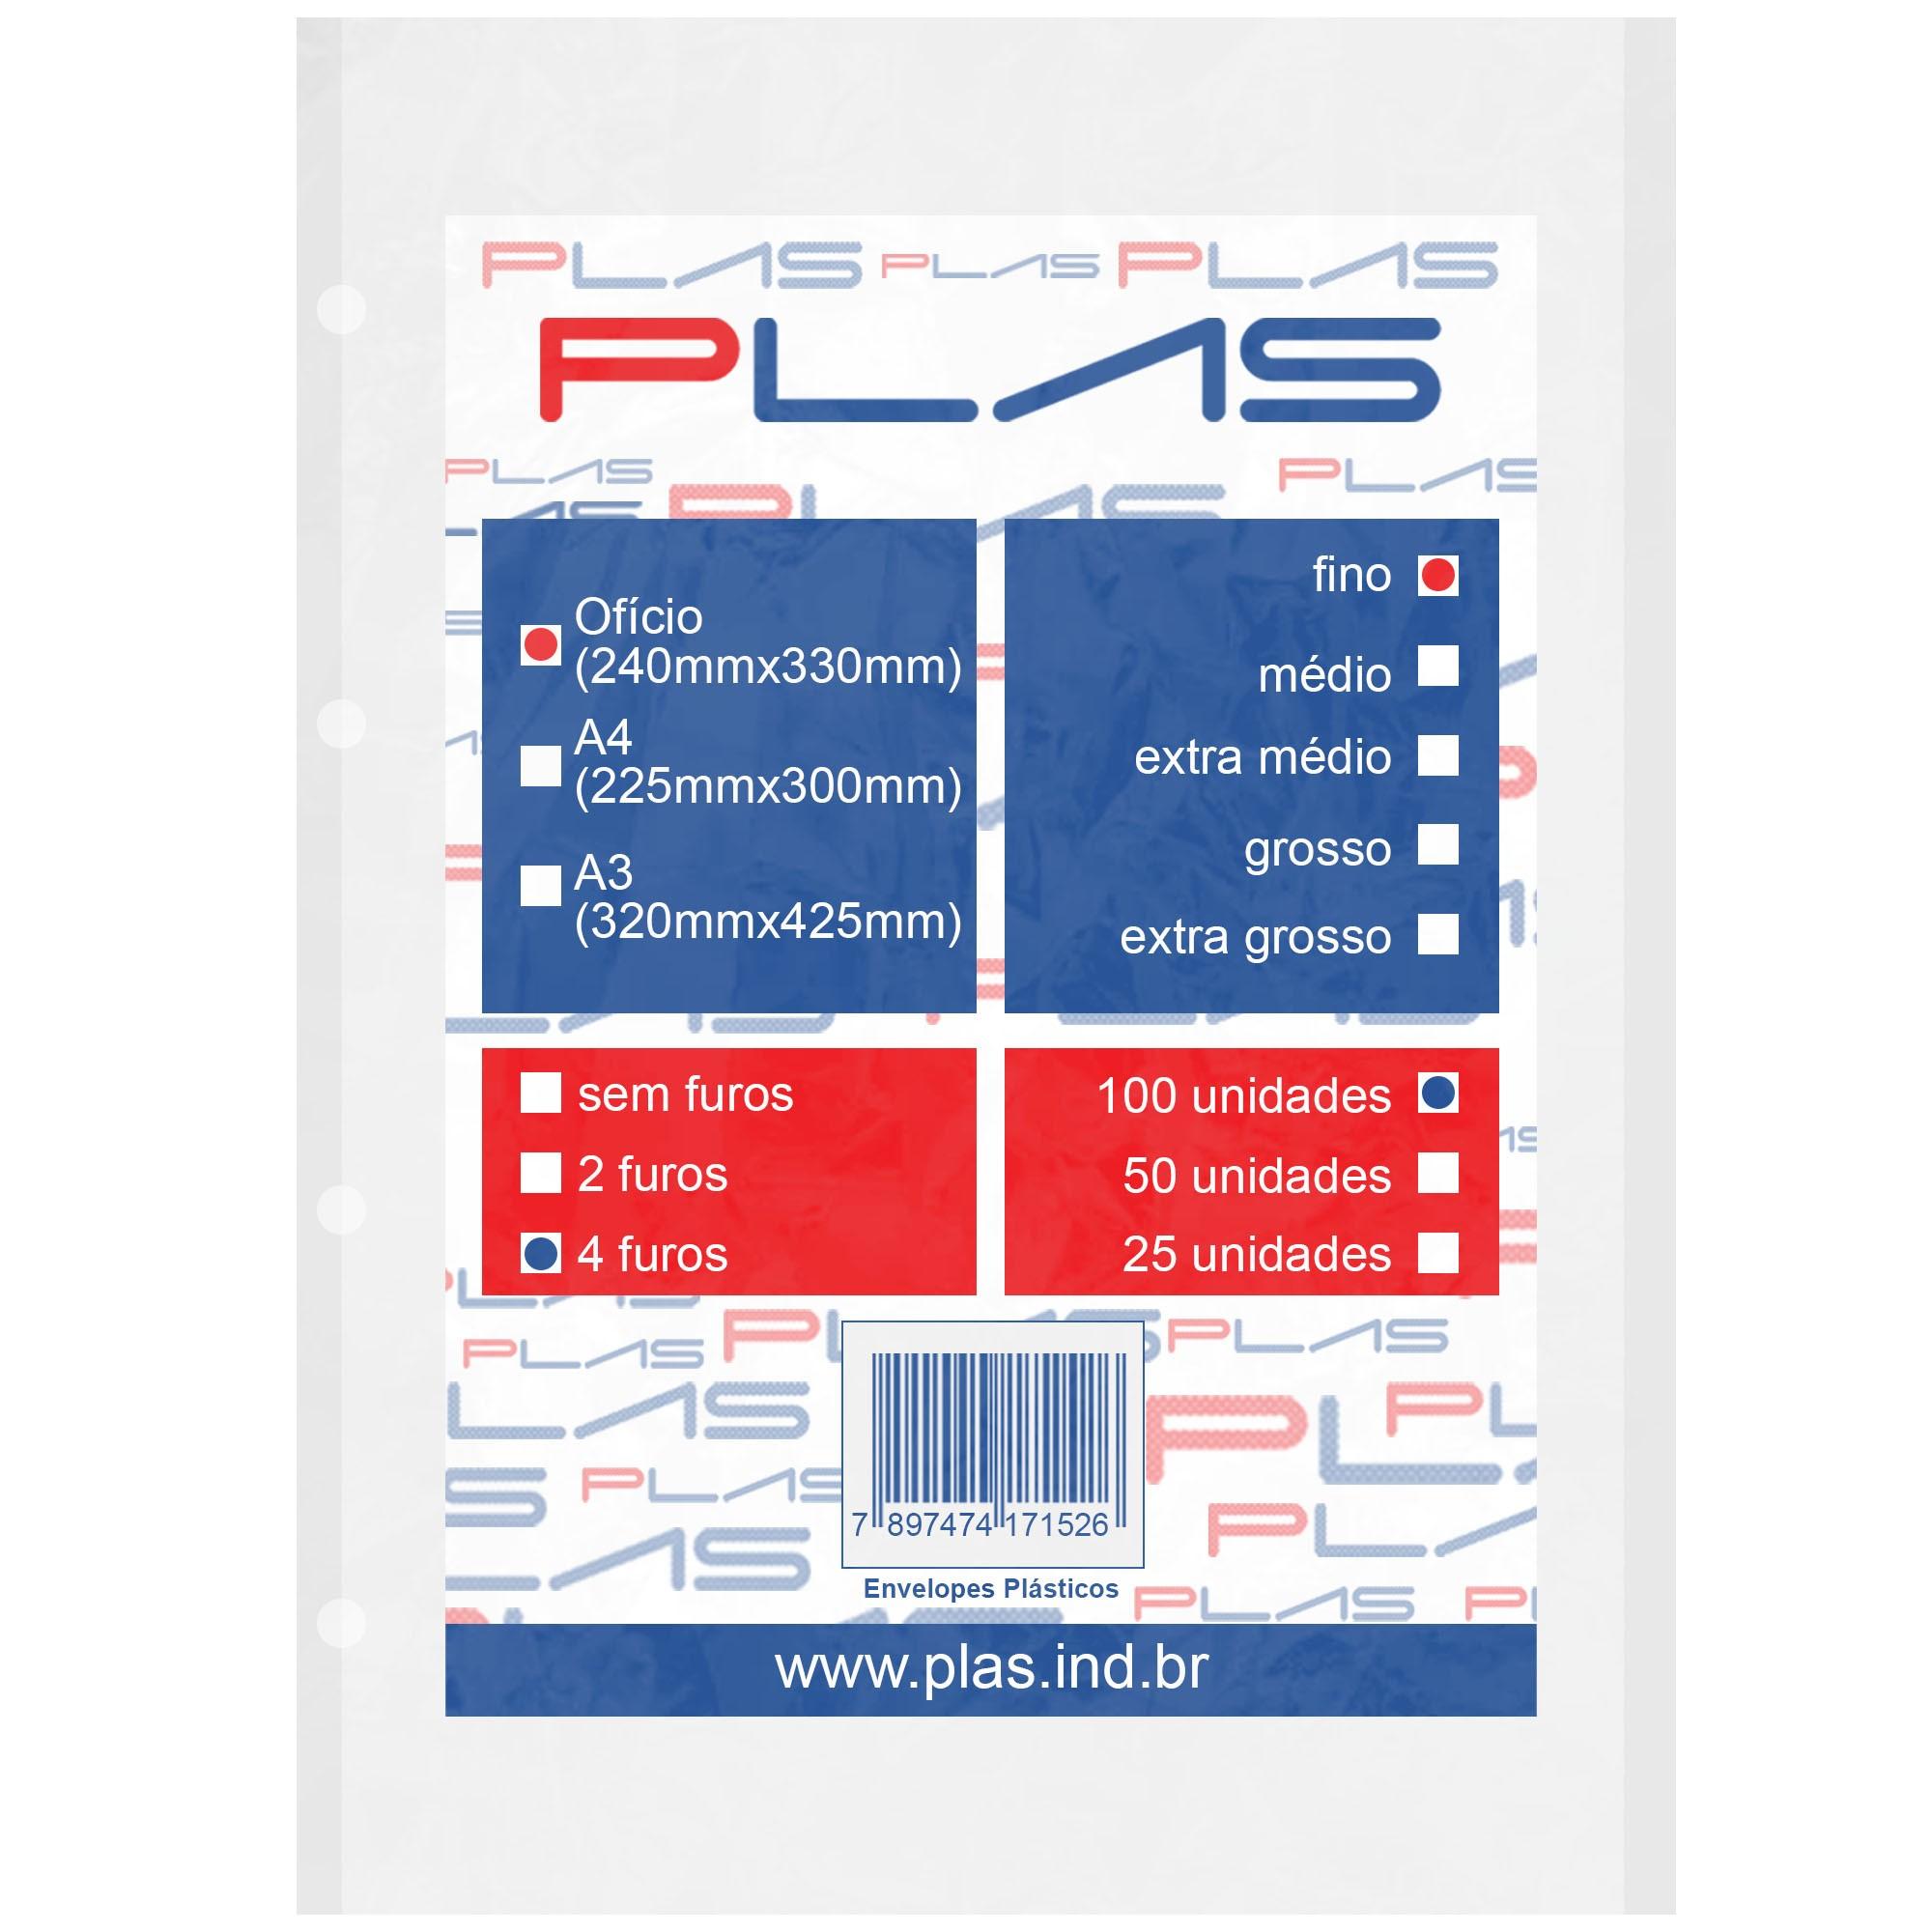 Envelope Saco Plastico tamanho Oficio 4 furos Fino pct c/ 100 un - Iplas